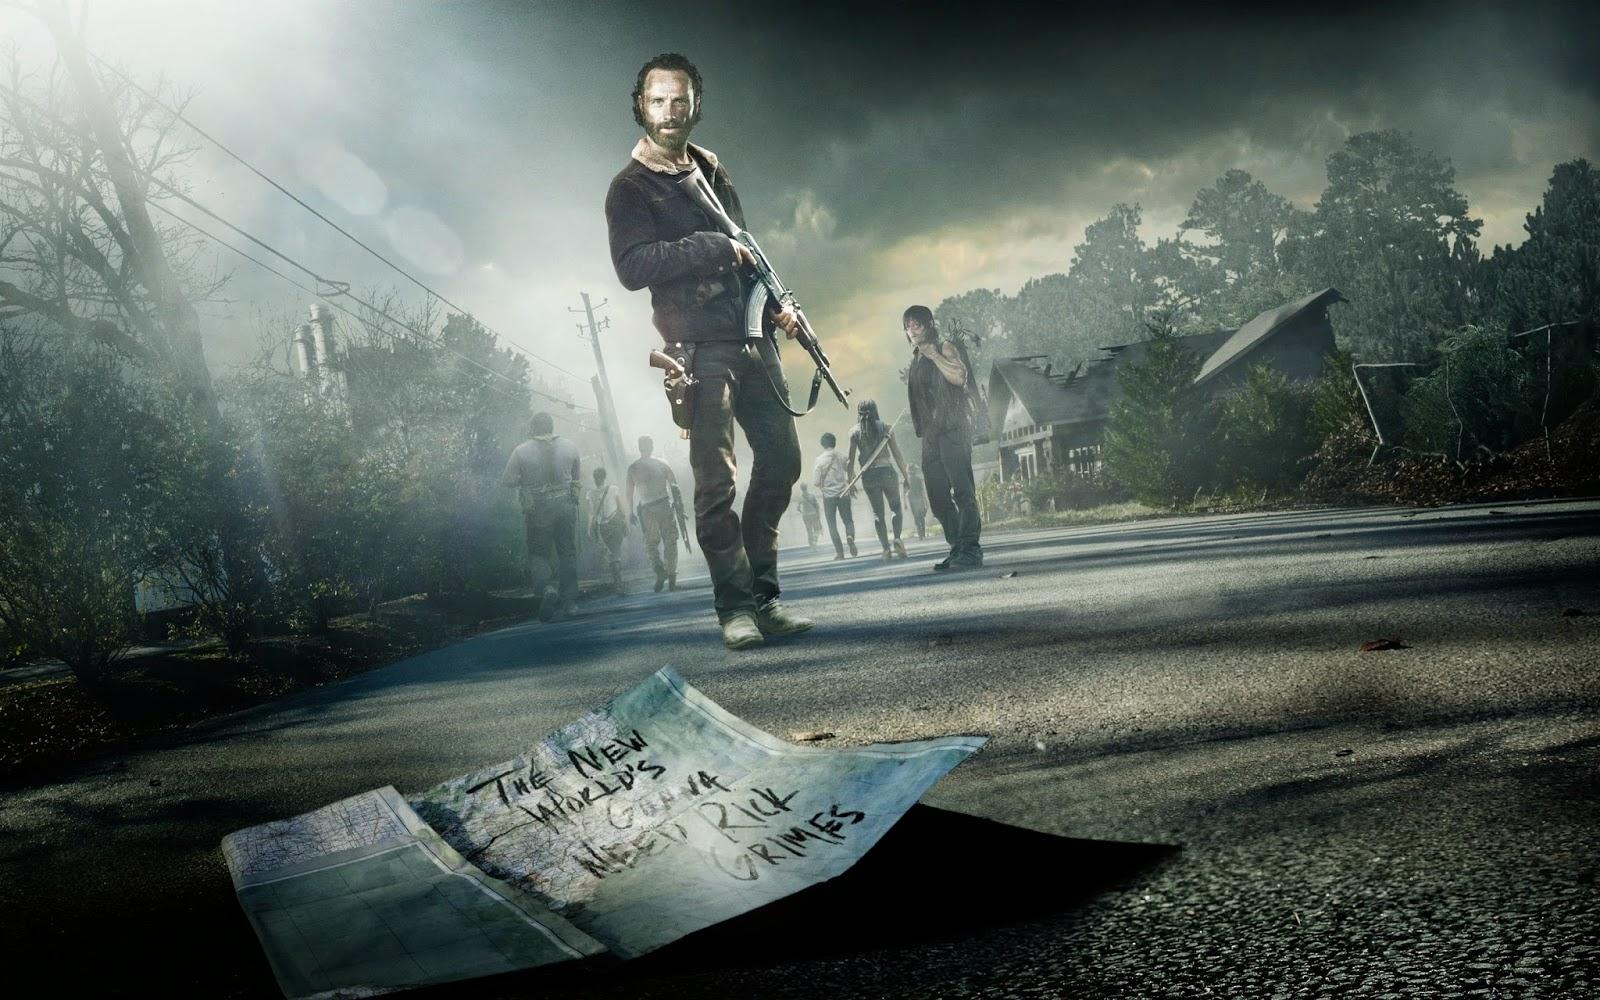 Free Download The Walking Dead Season 5 Wallpaper Hd Releases